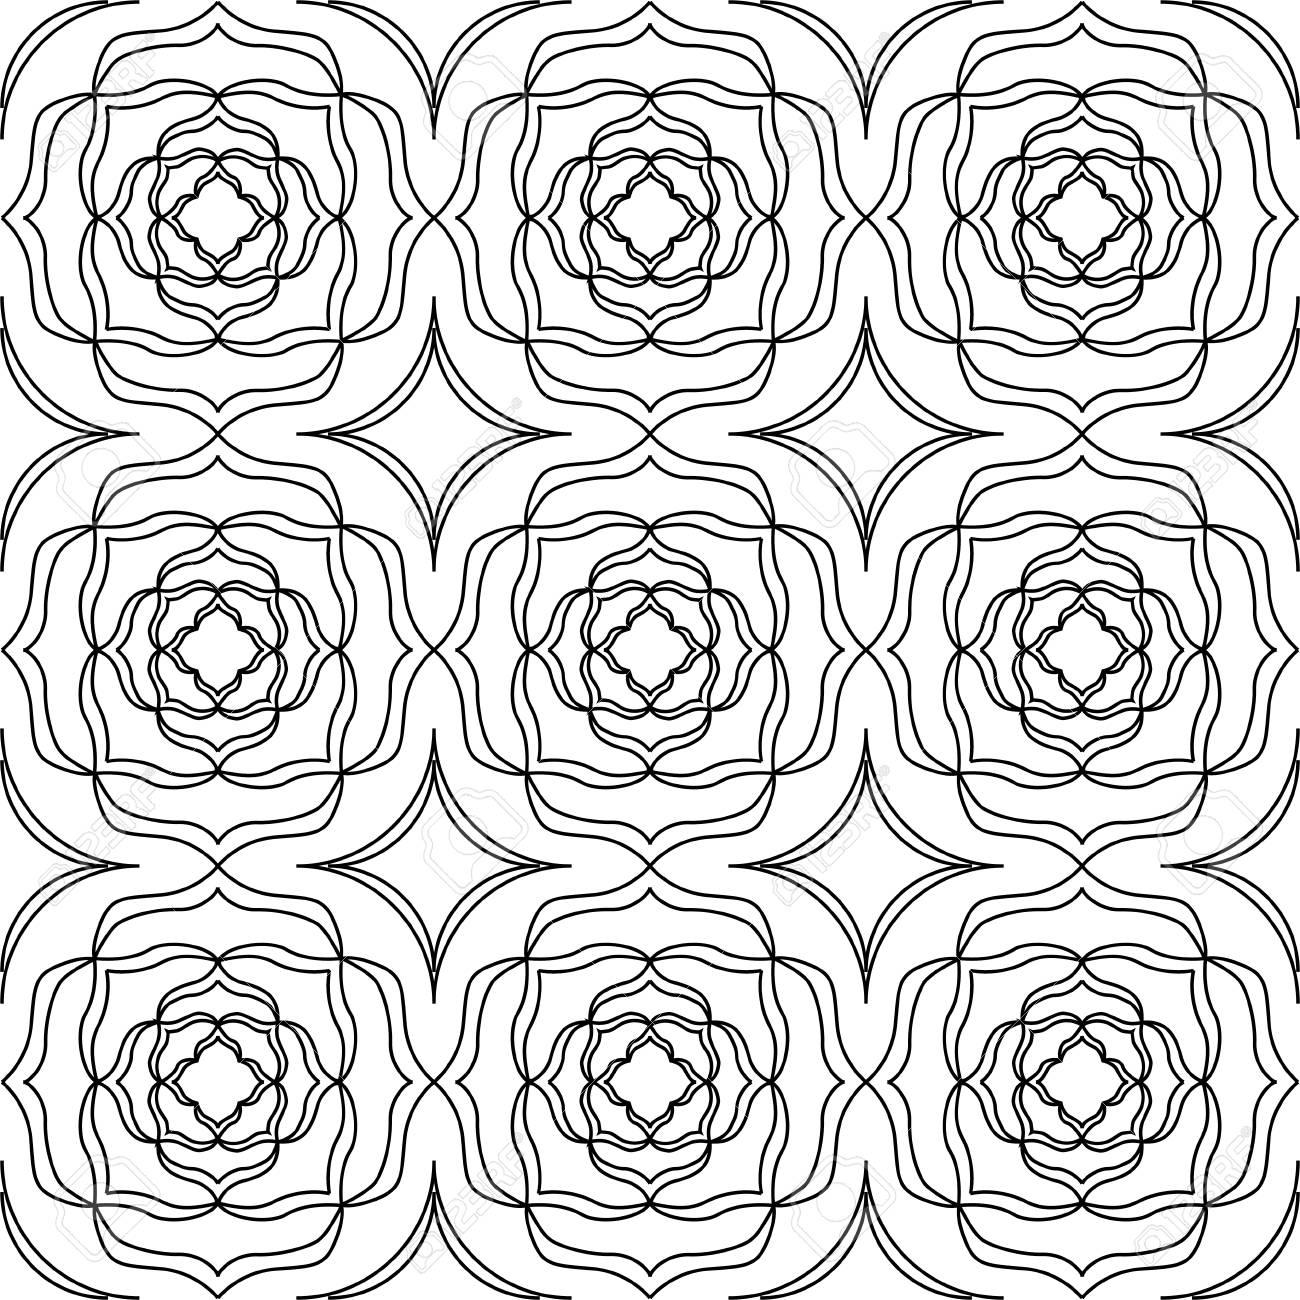 Schwarz-Weiß-Vektor Nahtlose Muster Hintergrund. Für Malvorlagen ...